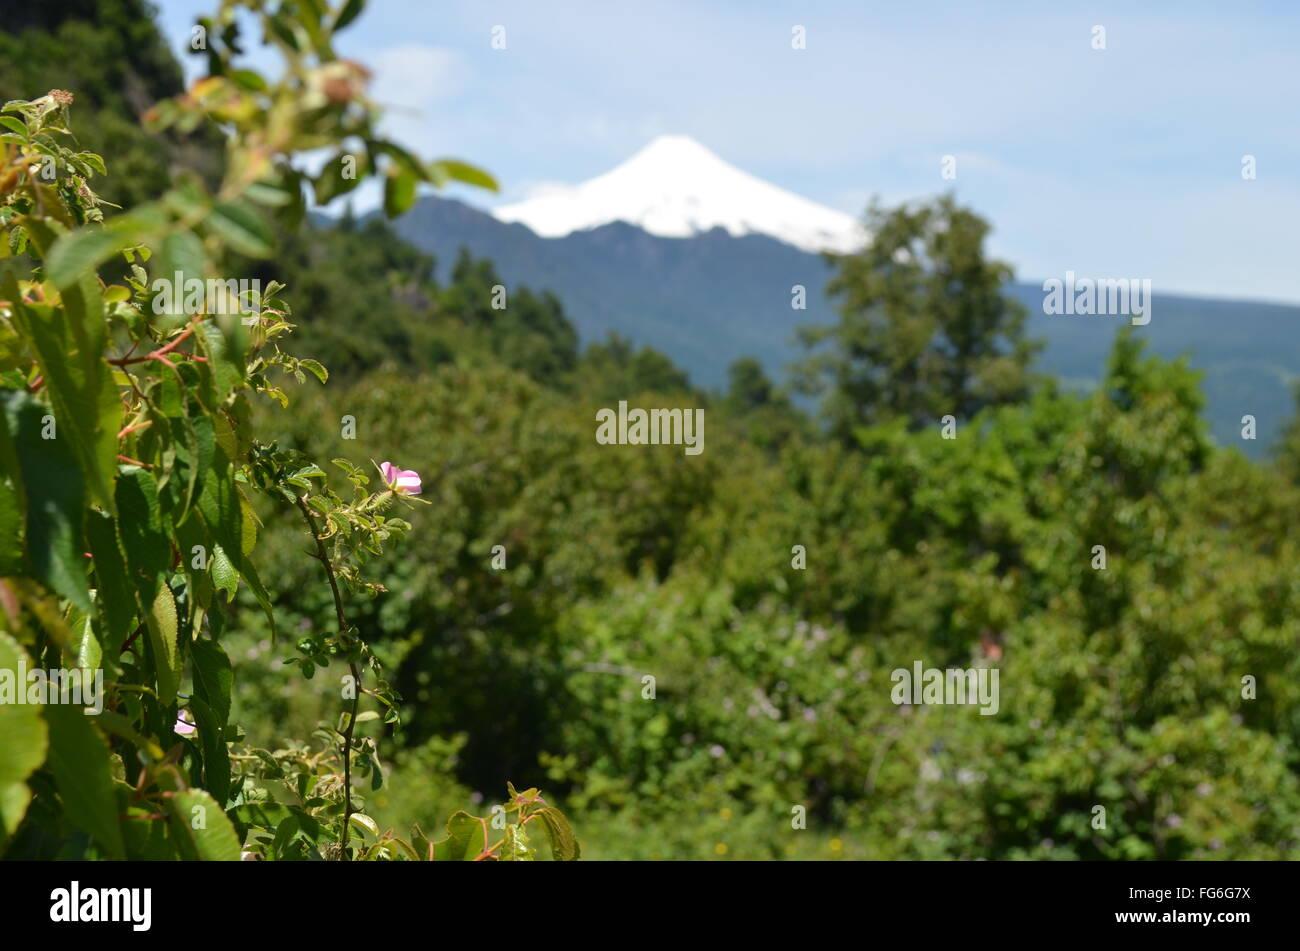 Views of the Villarica volcano and Lago Villarica from rural farmland near Pucon, Araucania, Chile - Stock Image